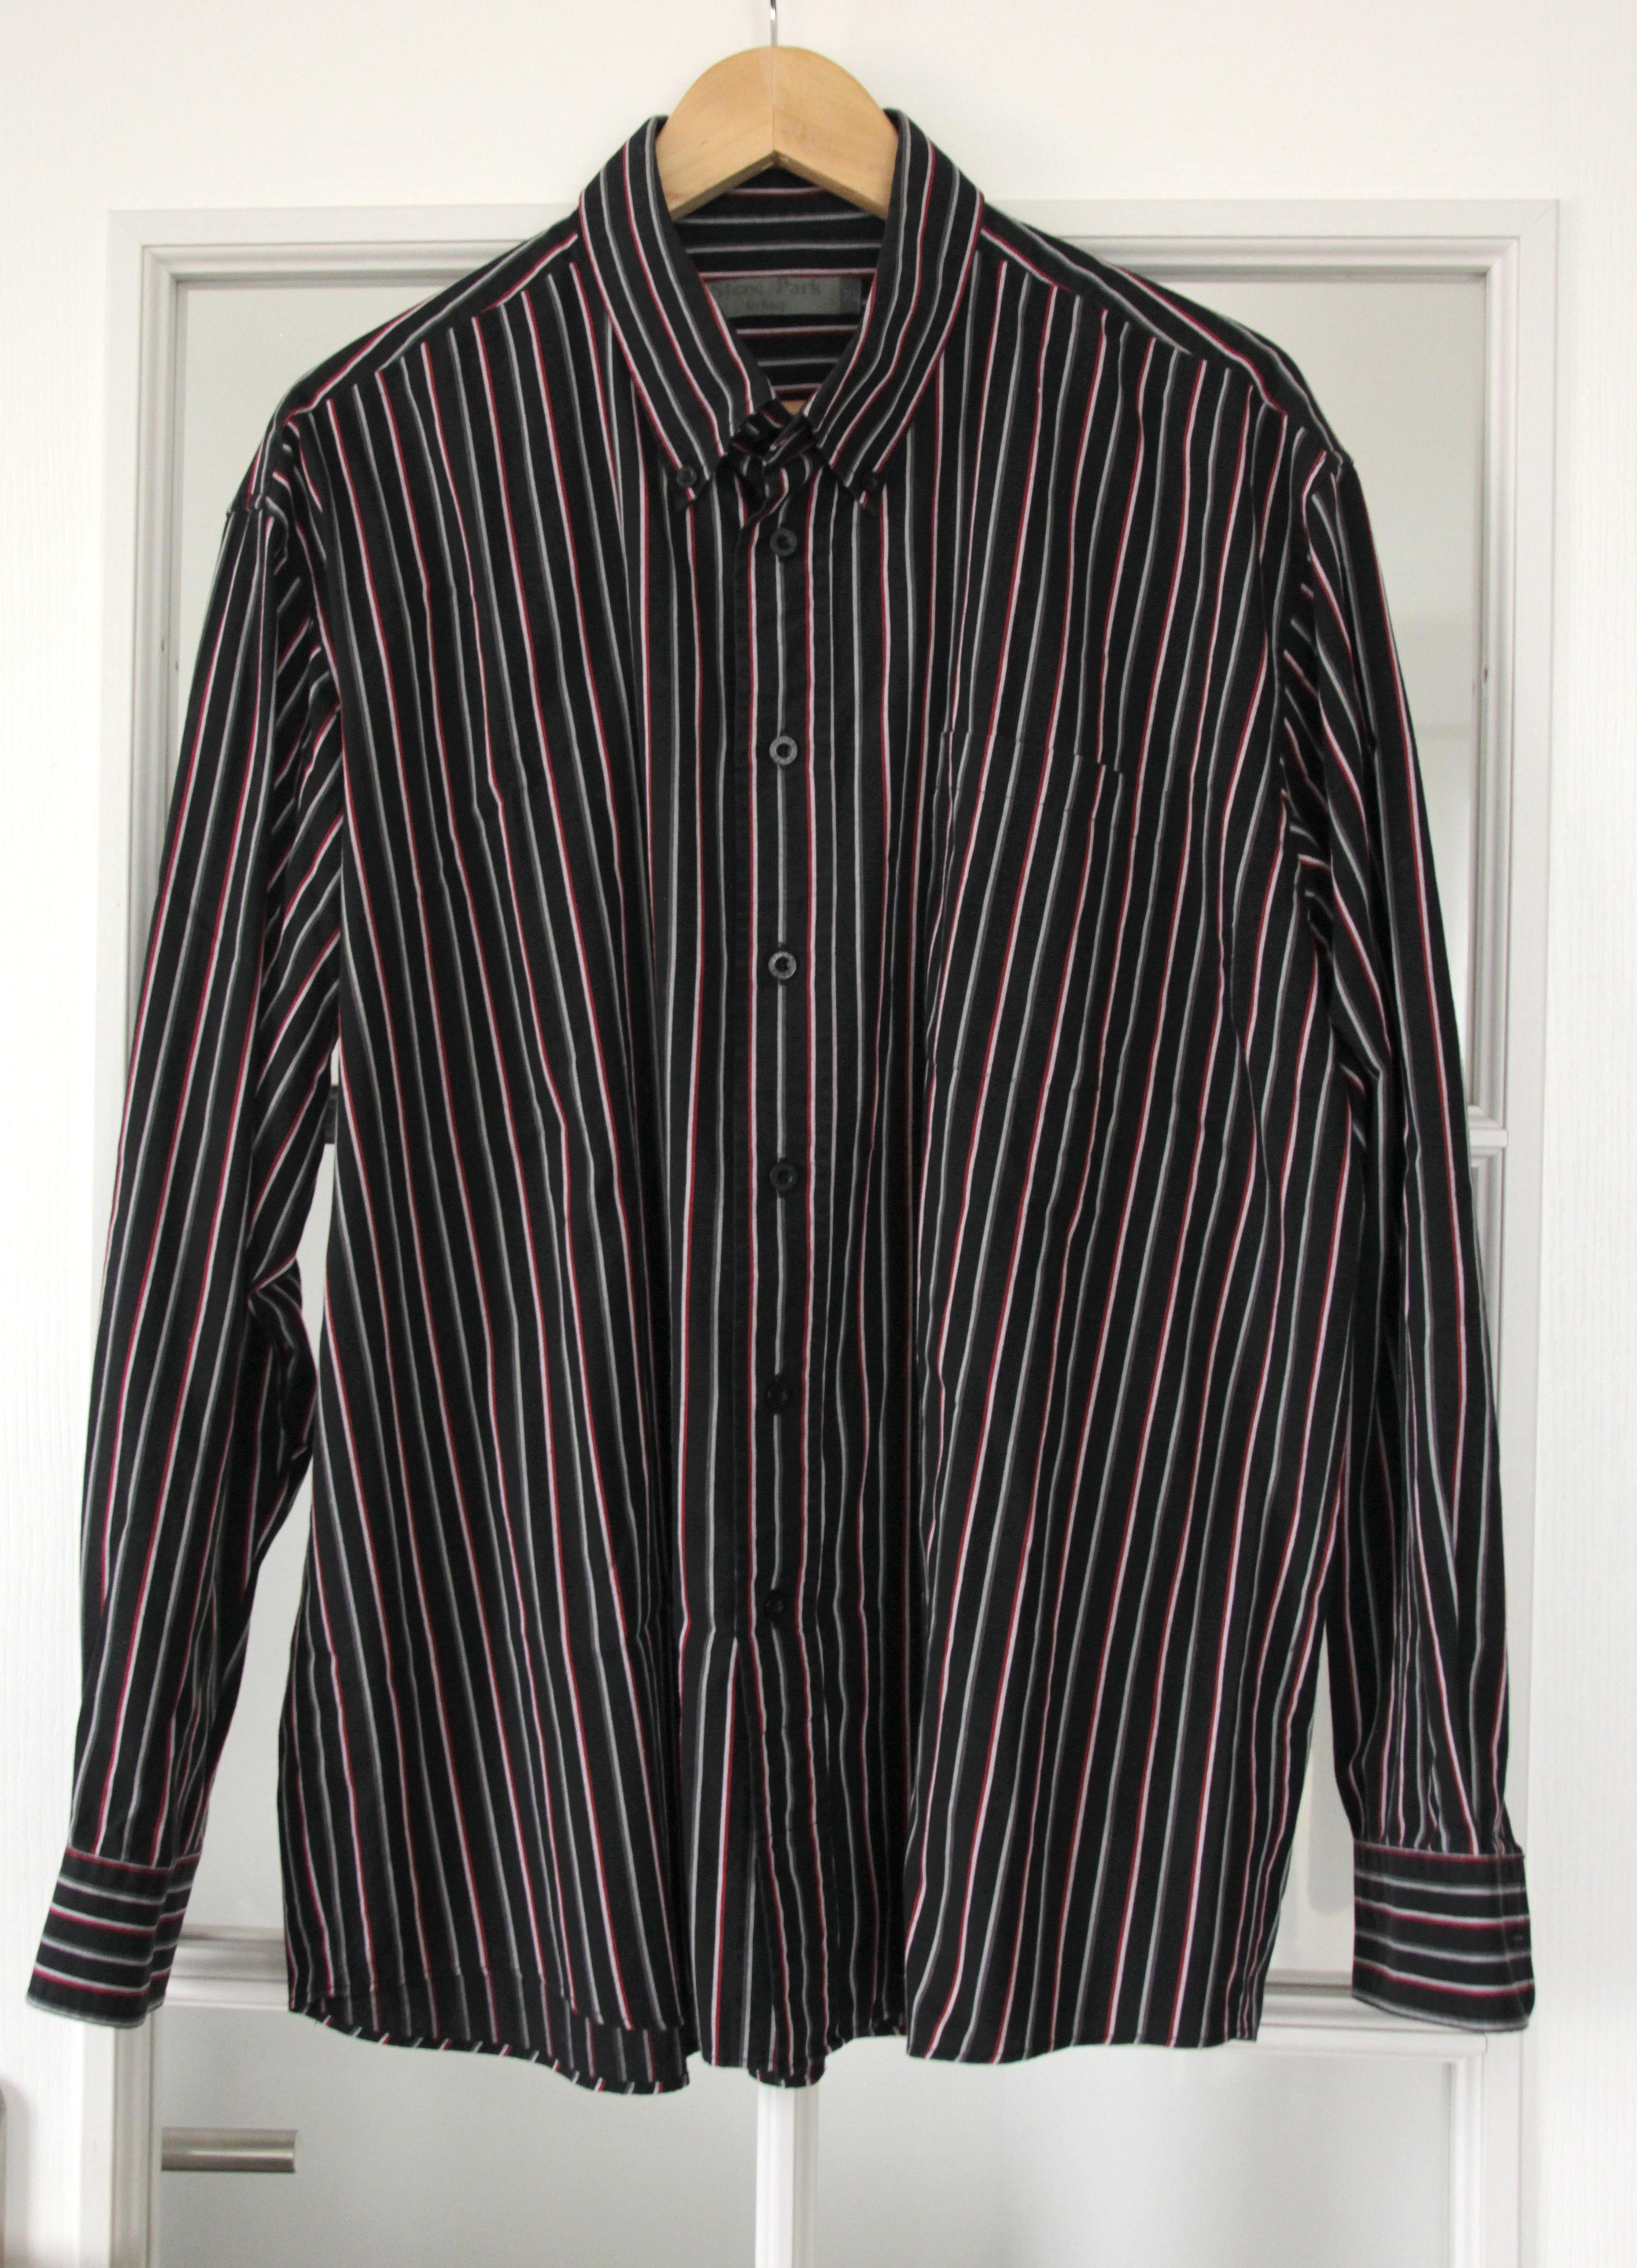 troc de troc chemise noire/grise à rayures blanches/grises/rouges taille xl image 0